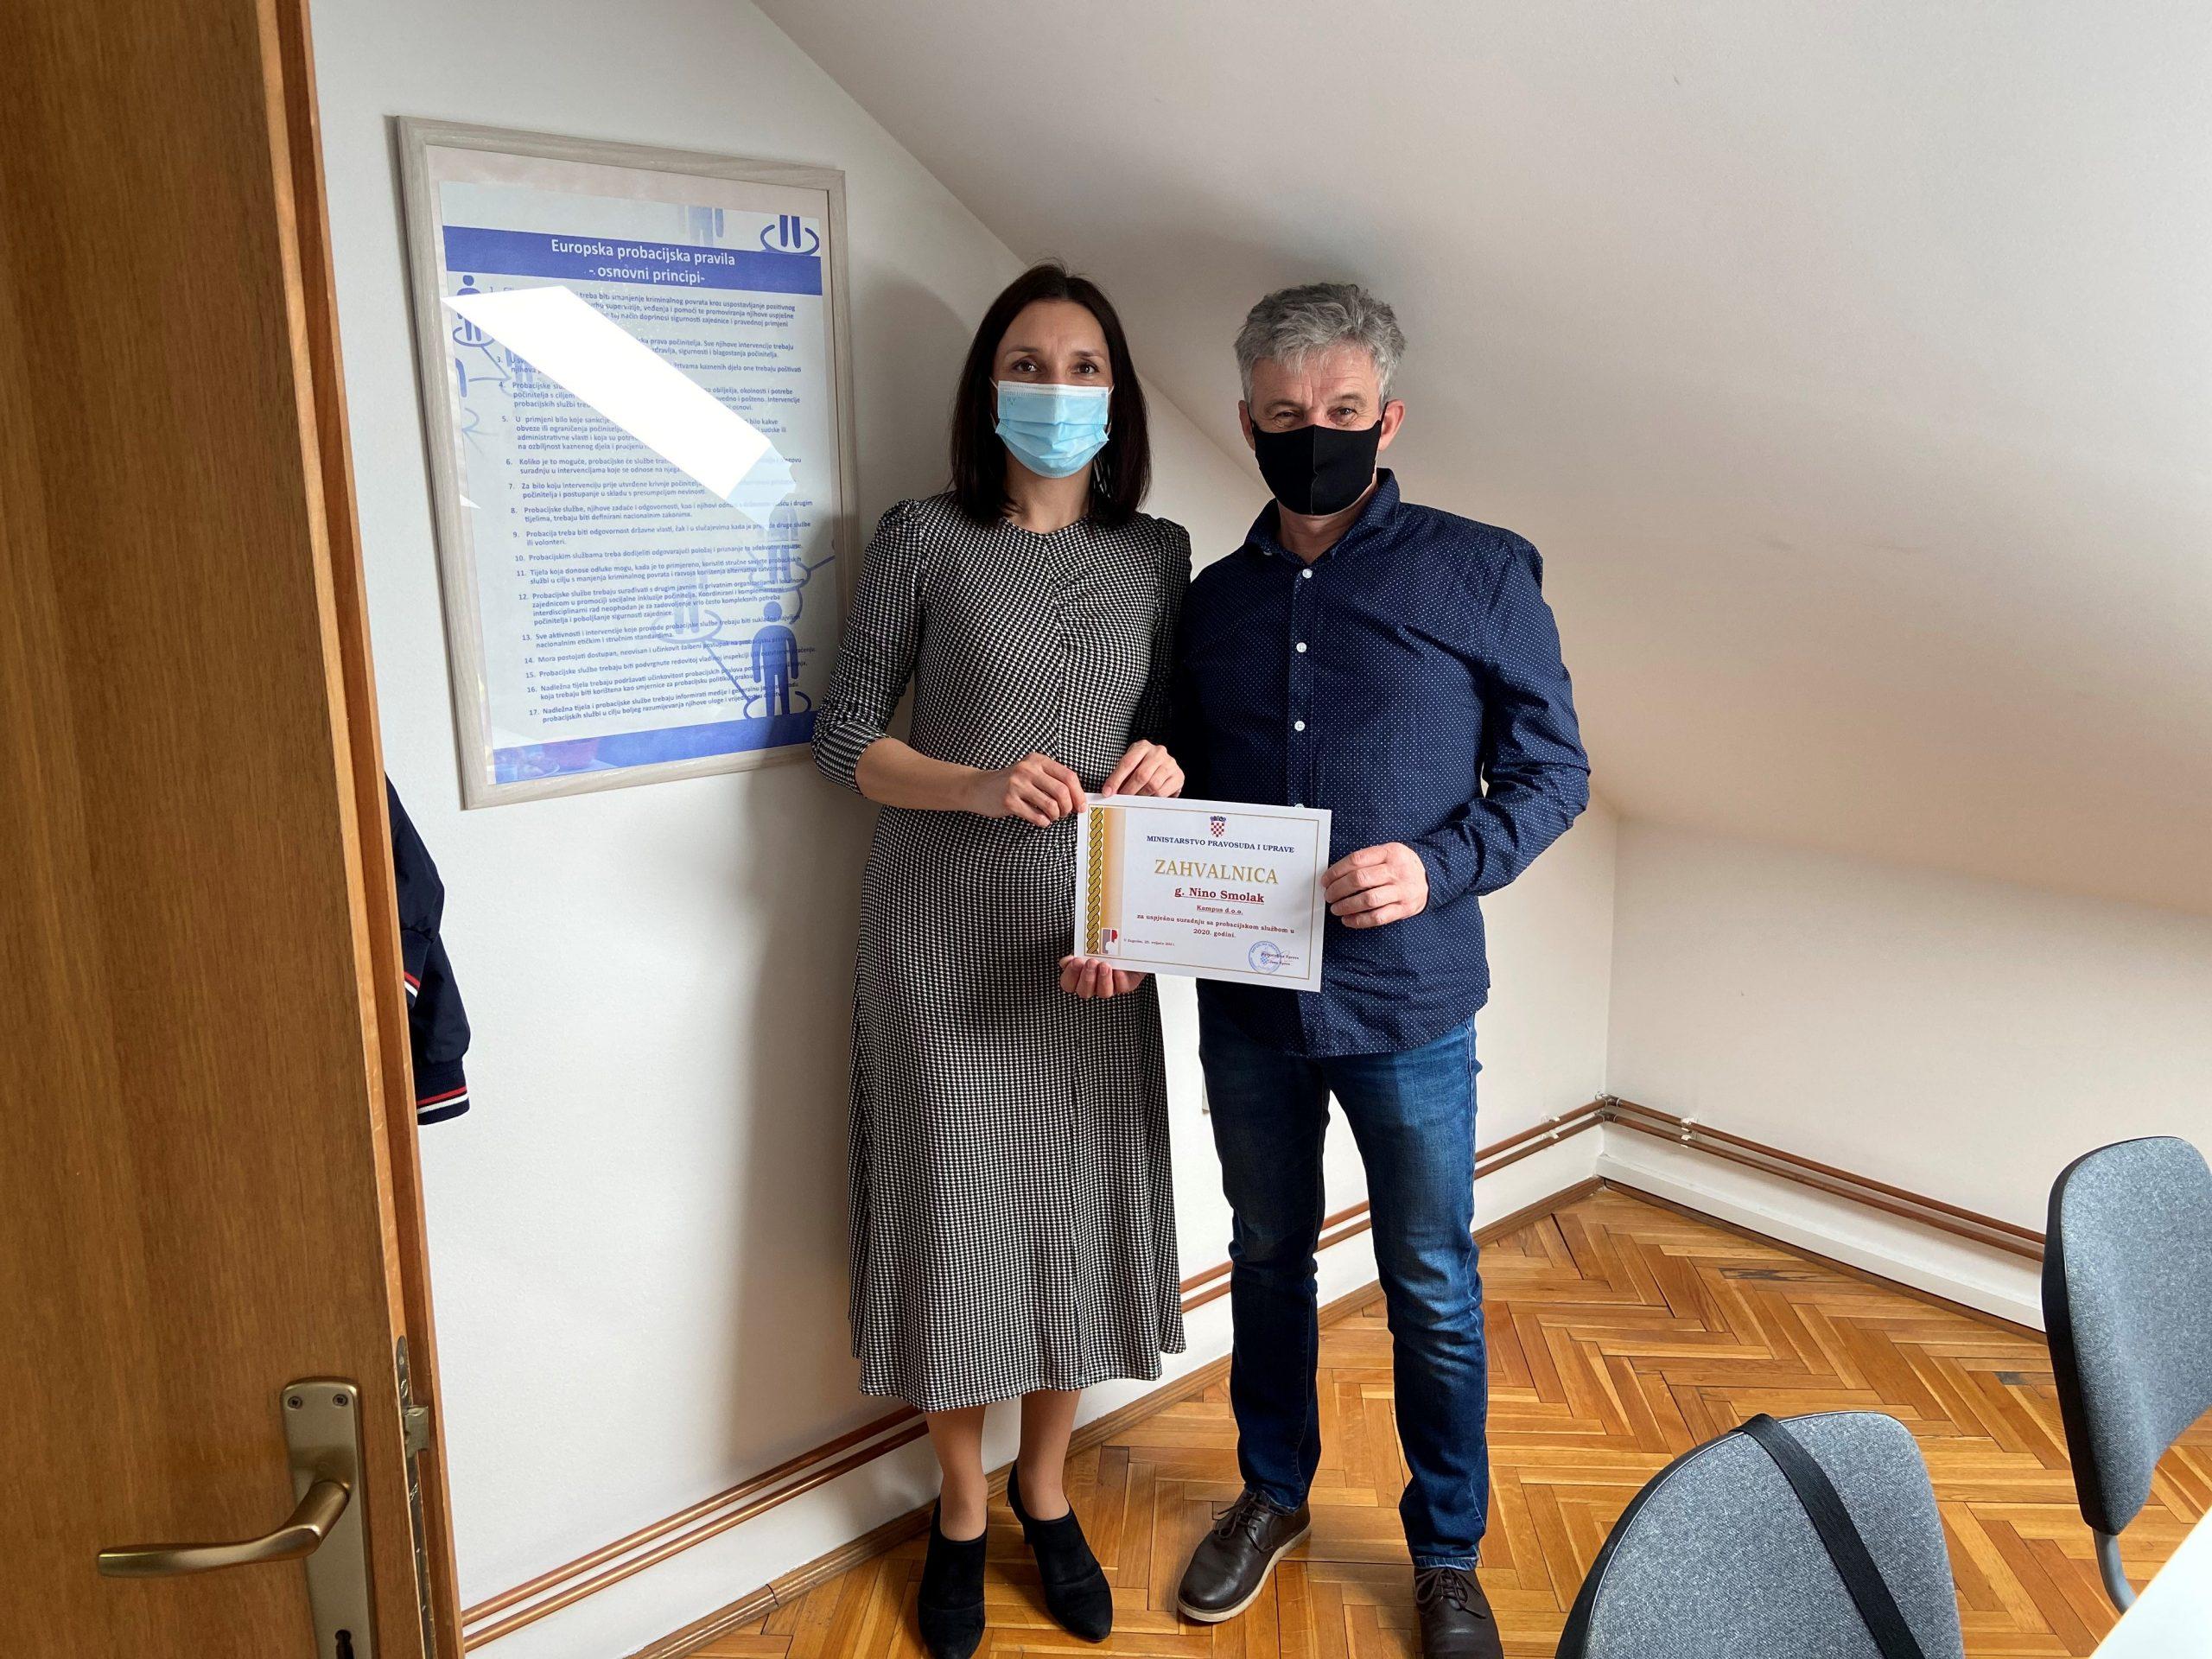 Ministarstvo pravosuđa i uprave dodijelilo zahvalu za izniman trud i suradnju u 2020. godinu djelatniku Komunalca Nini Smolaku